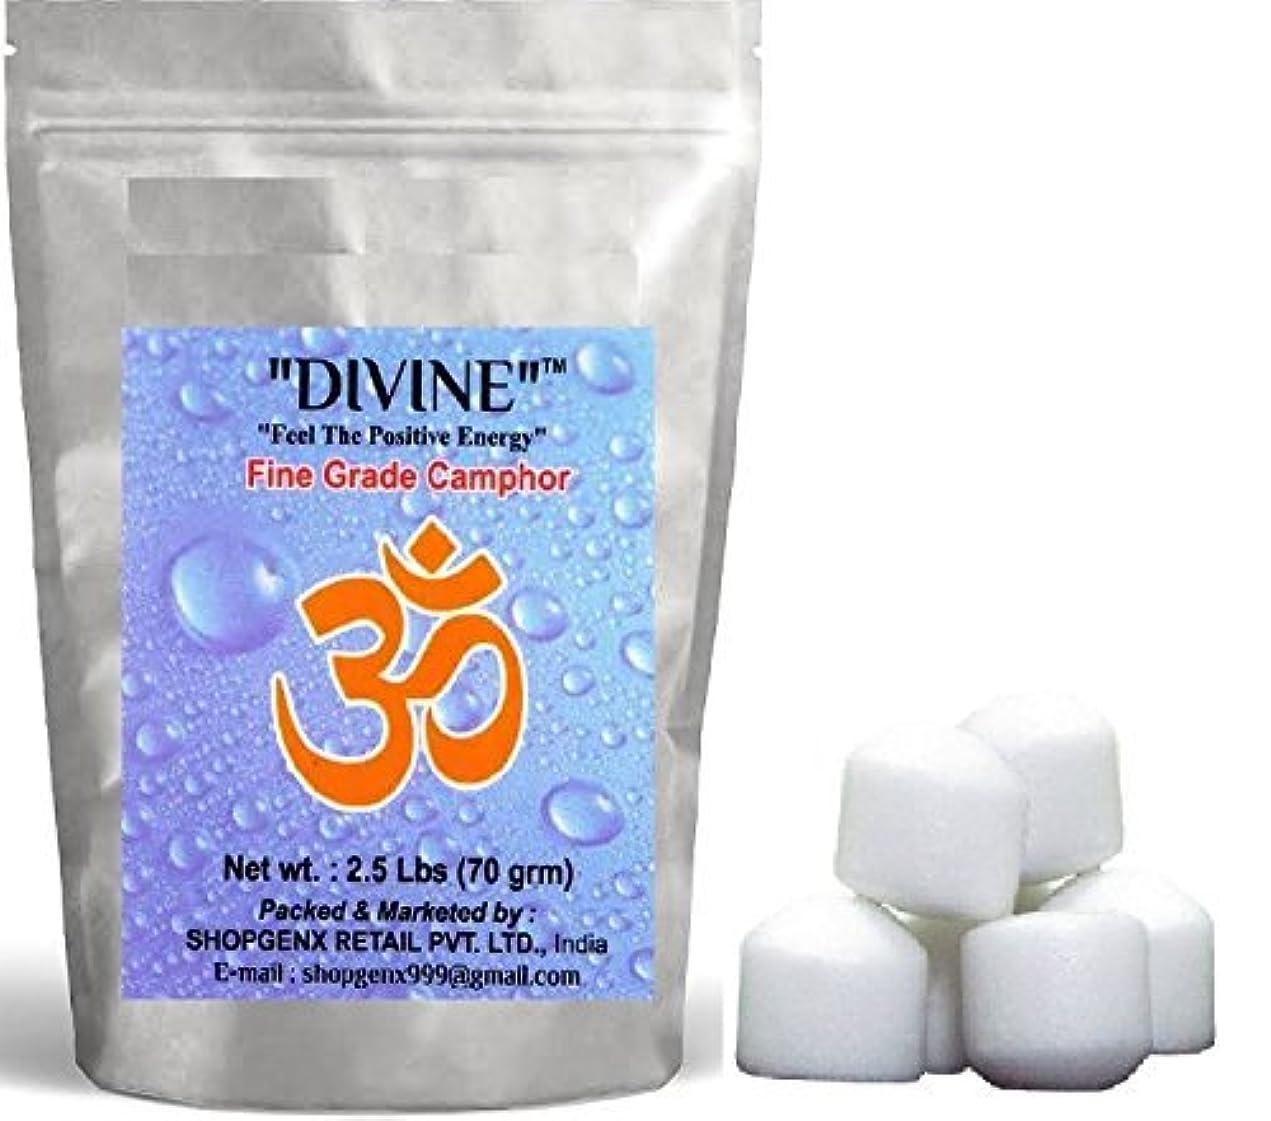 もジャンルおとうさん供養Pure Refined Camphor 70 gmラウンドfor Holy Spiritual Hindu供養Ganpati & Diwali Rituals